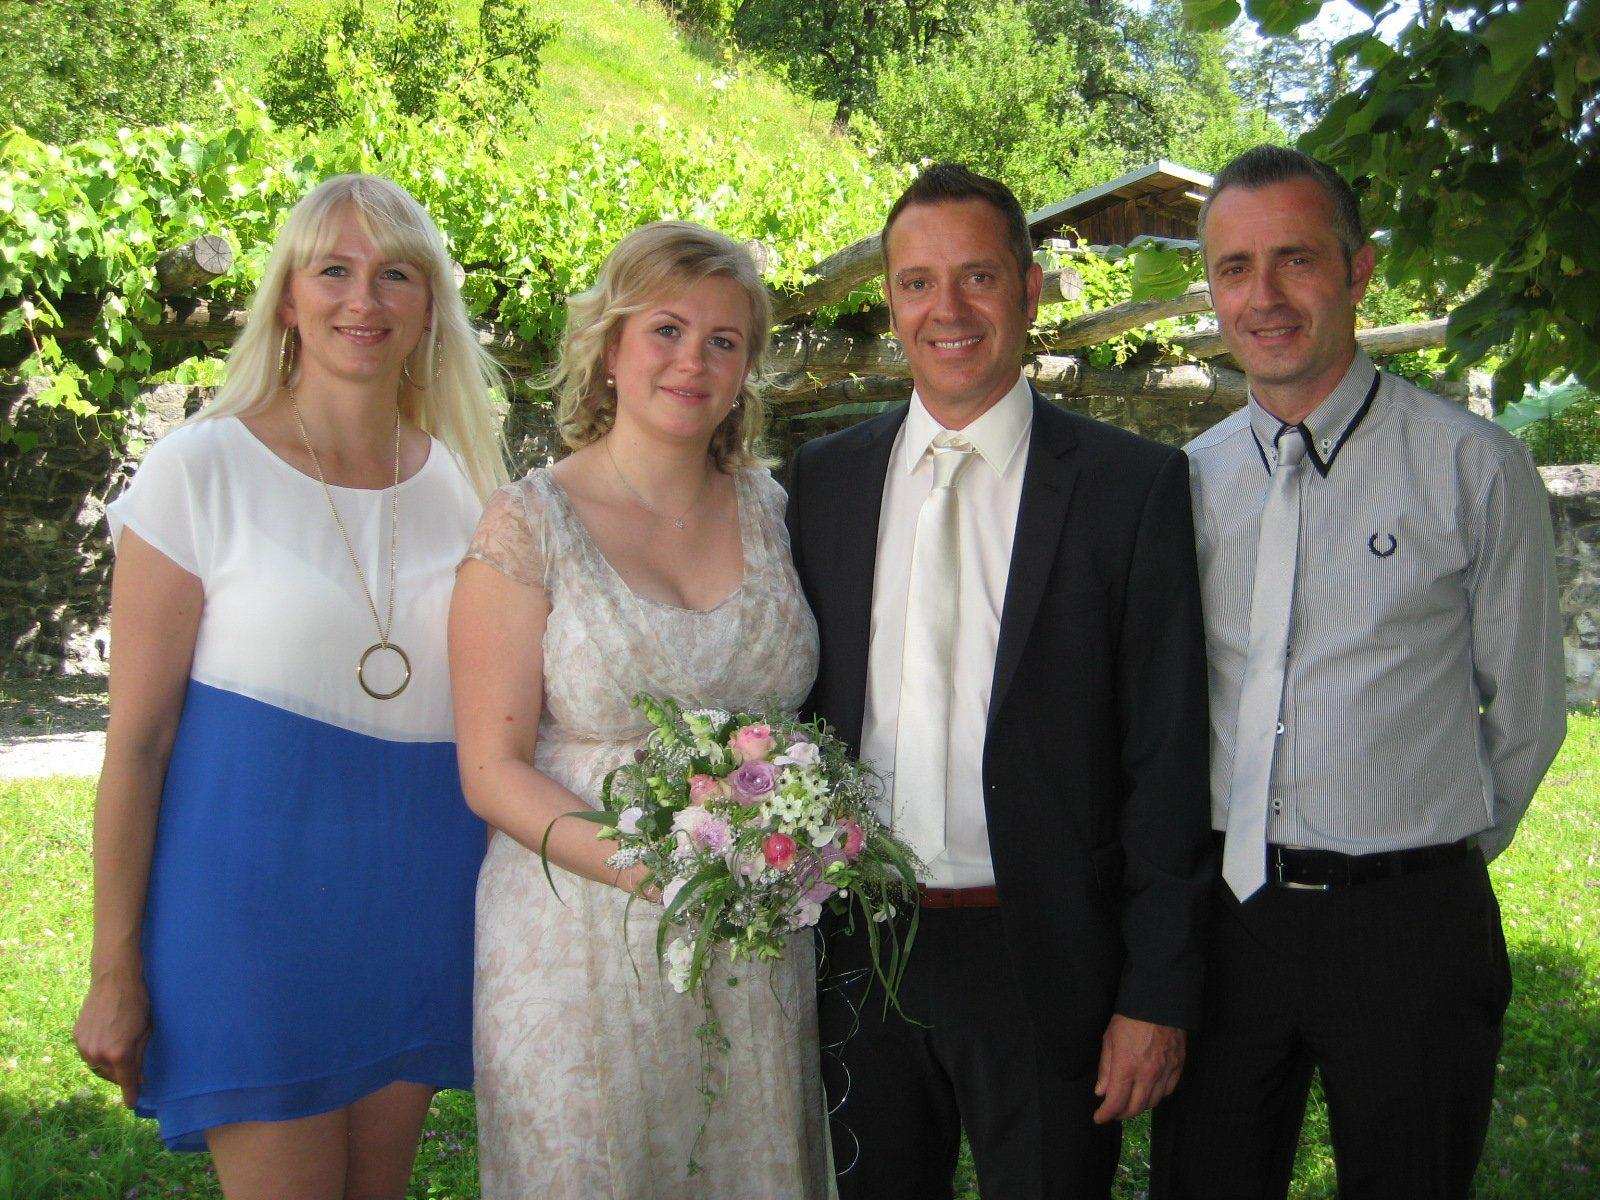 Sabine Smiczek und Dietmar Bolzon haben geheiratet.